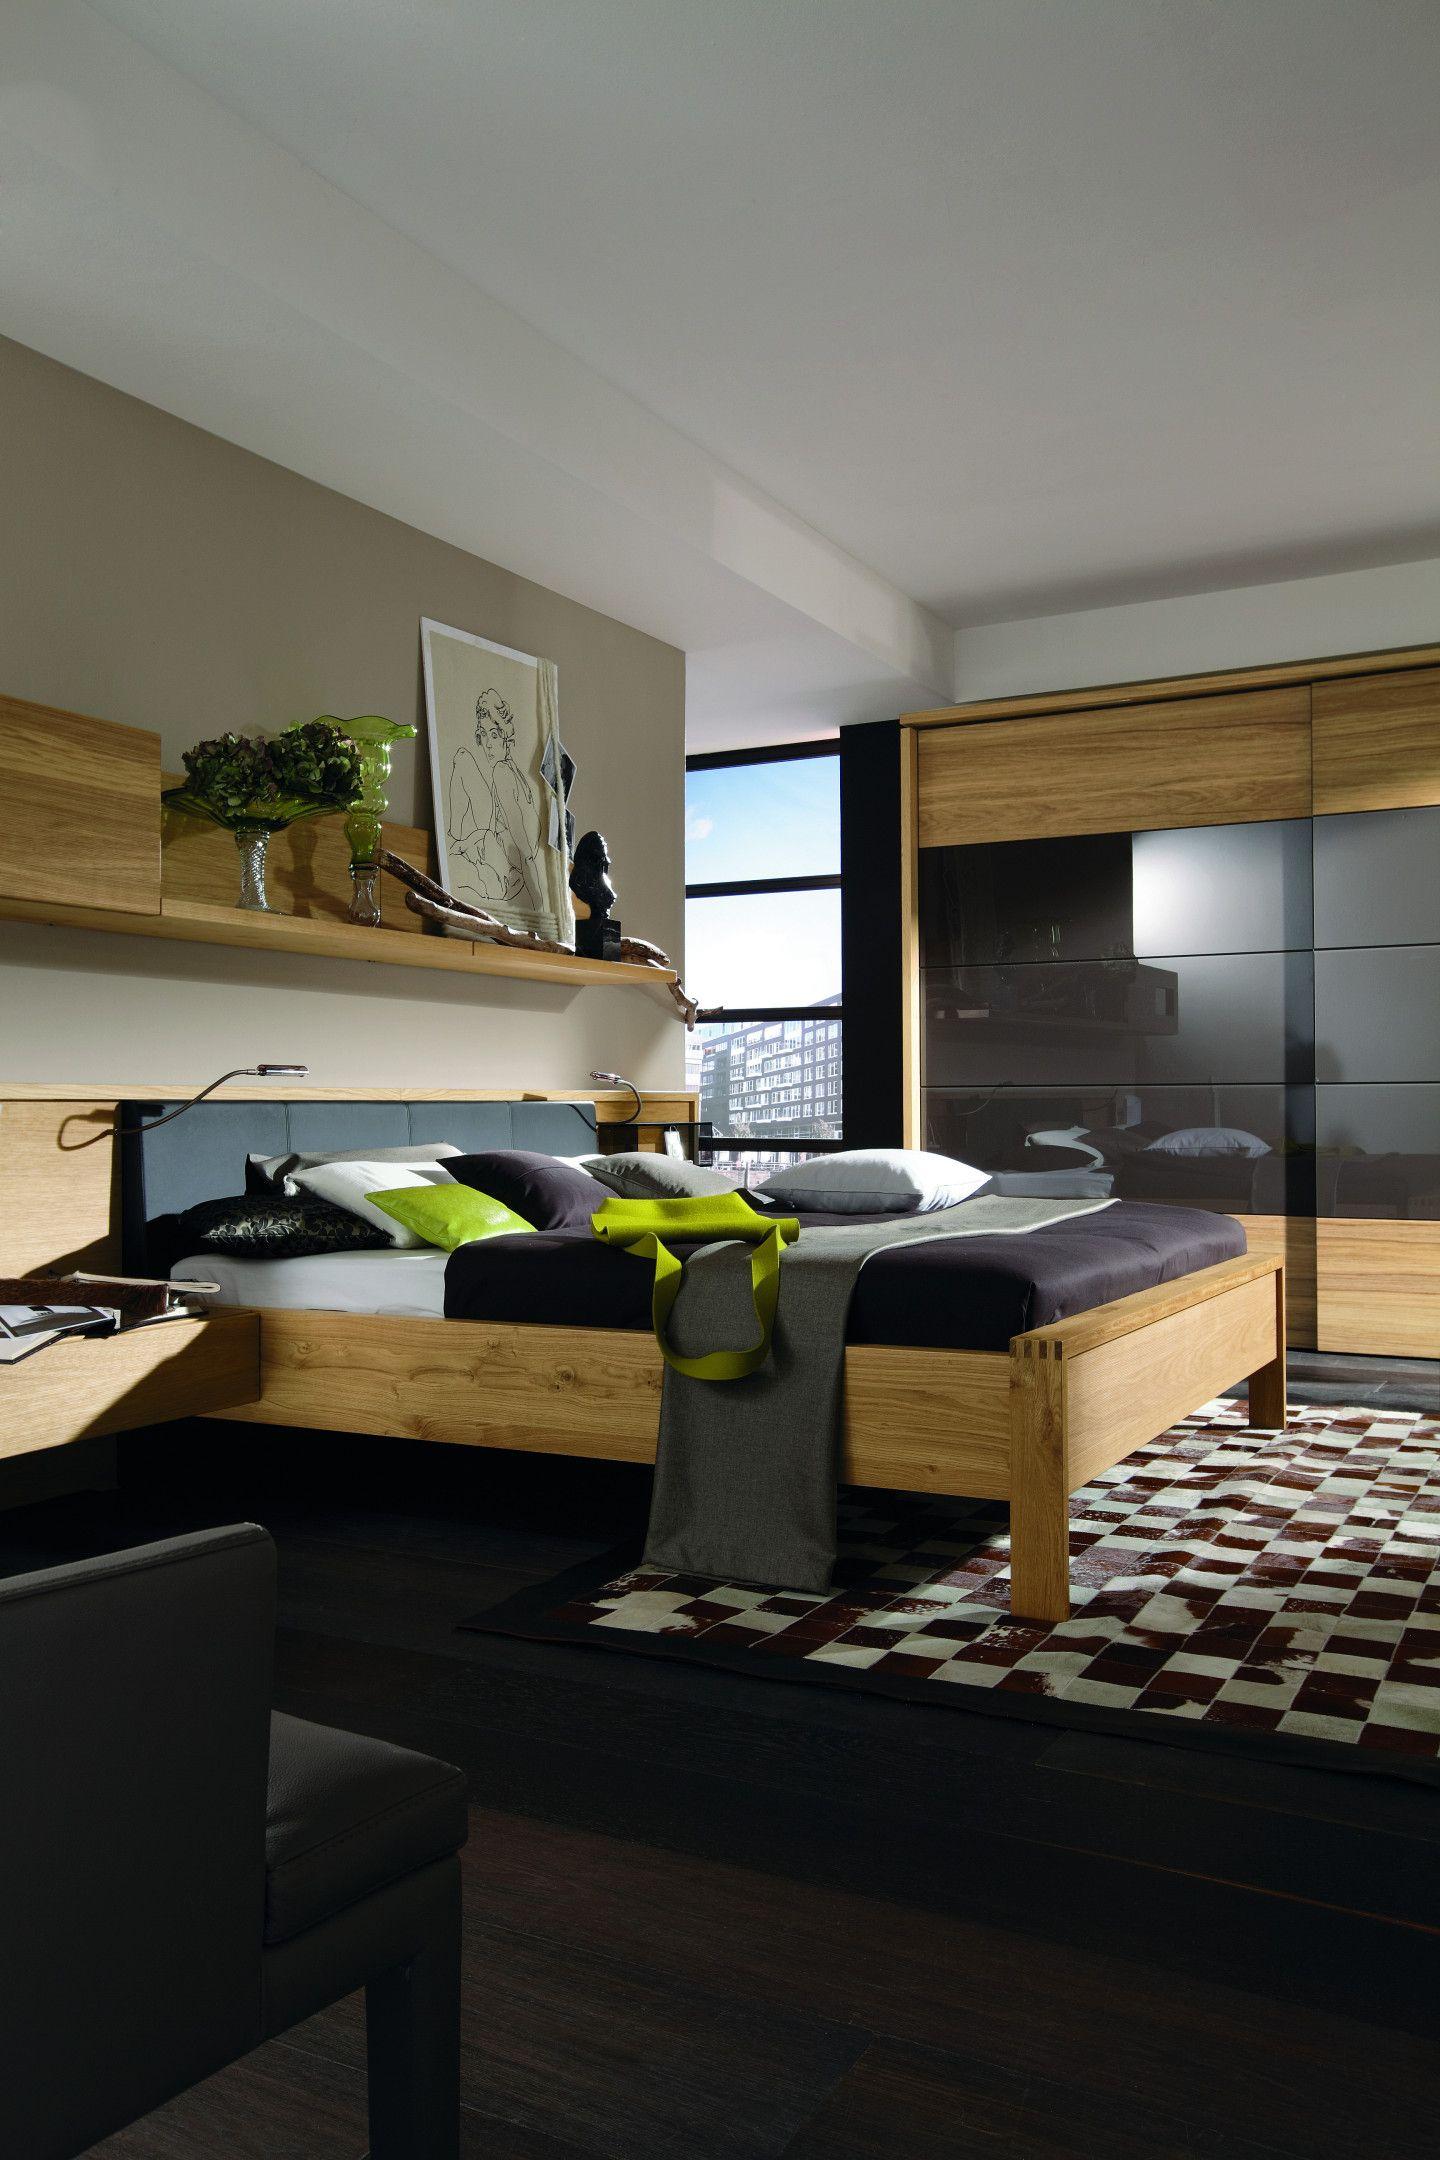 schlafzimmer einrichtung mit schwarzen akzenten. Black Bedroom Furniture Sets. Home Design Ideas